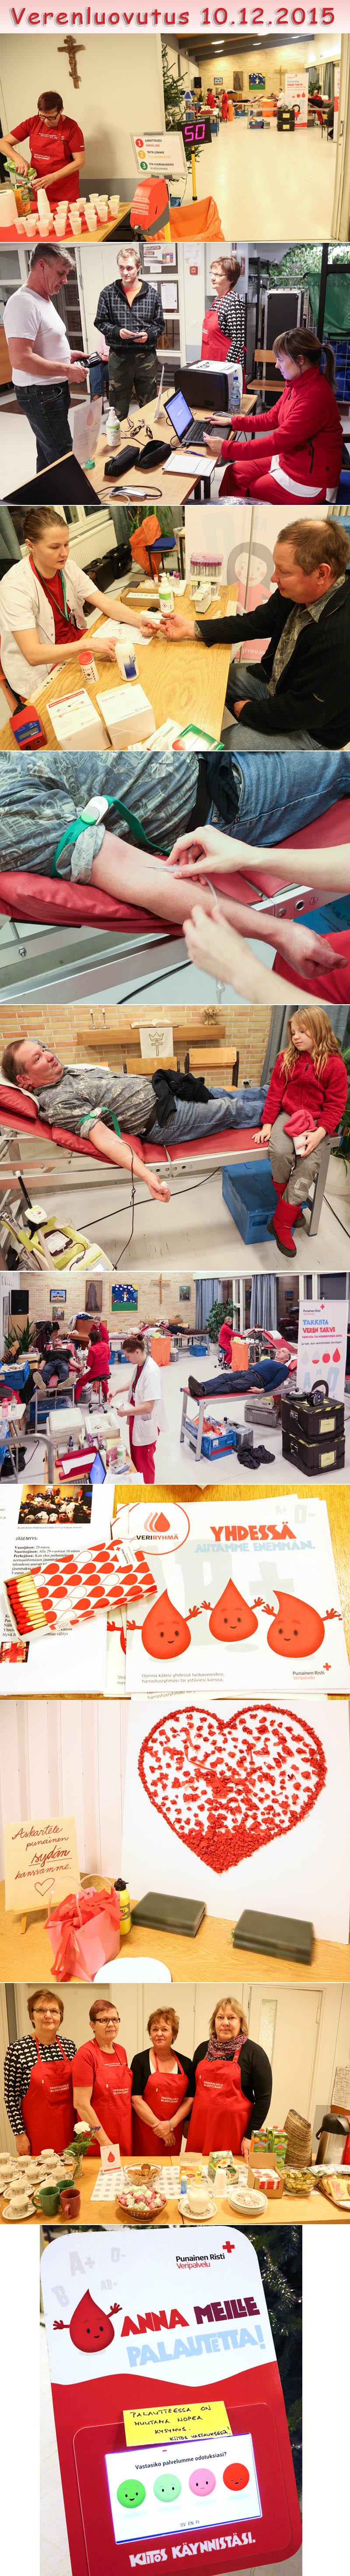 Verenluovutus 2015